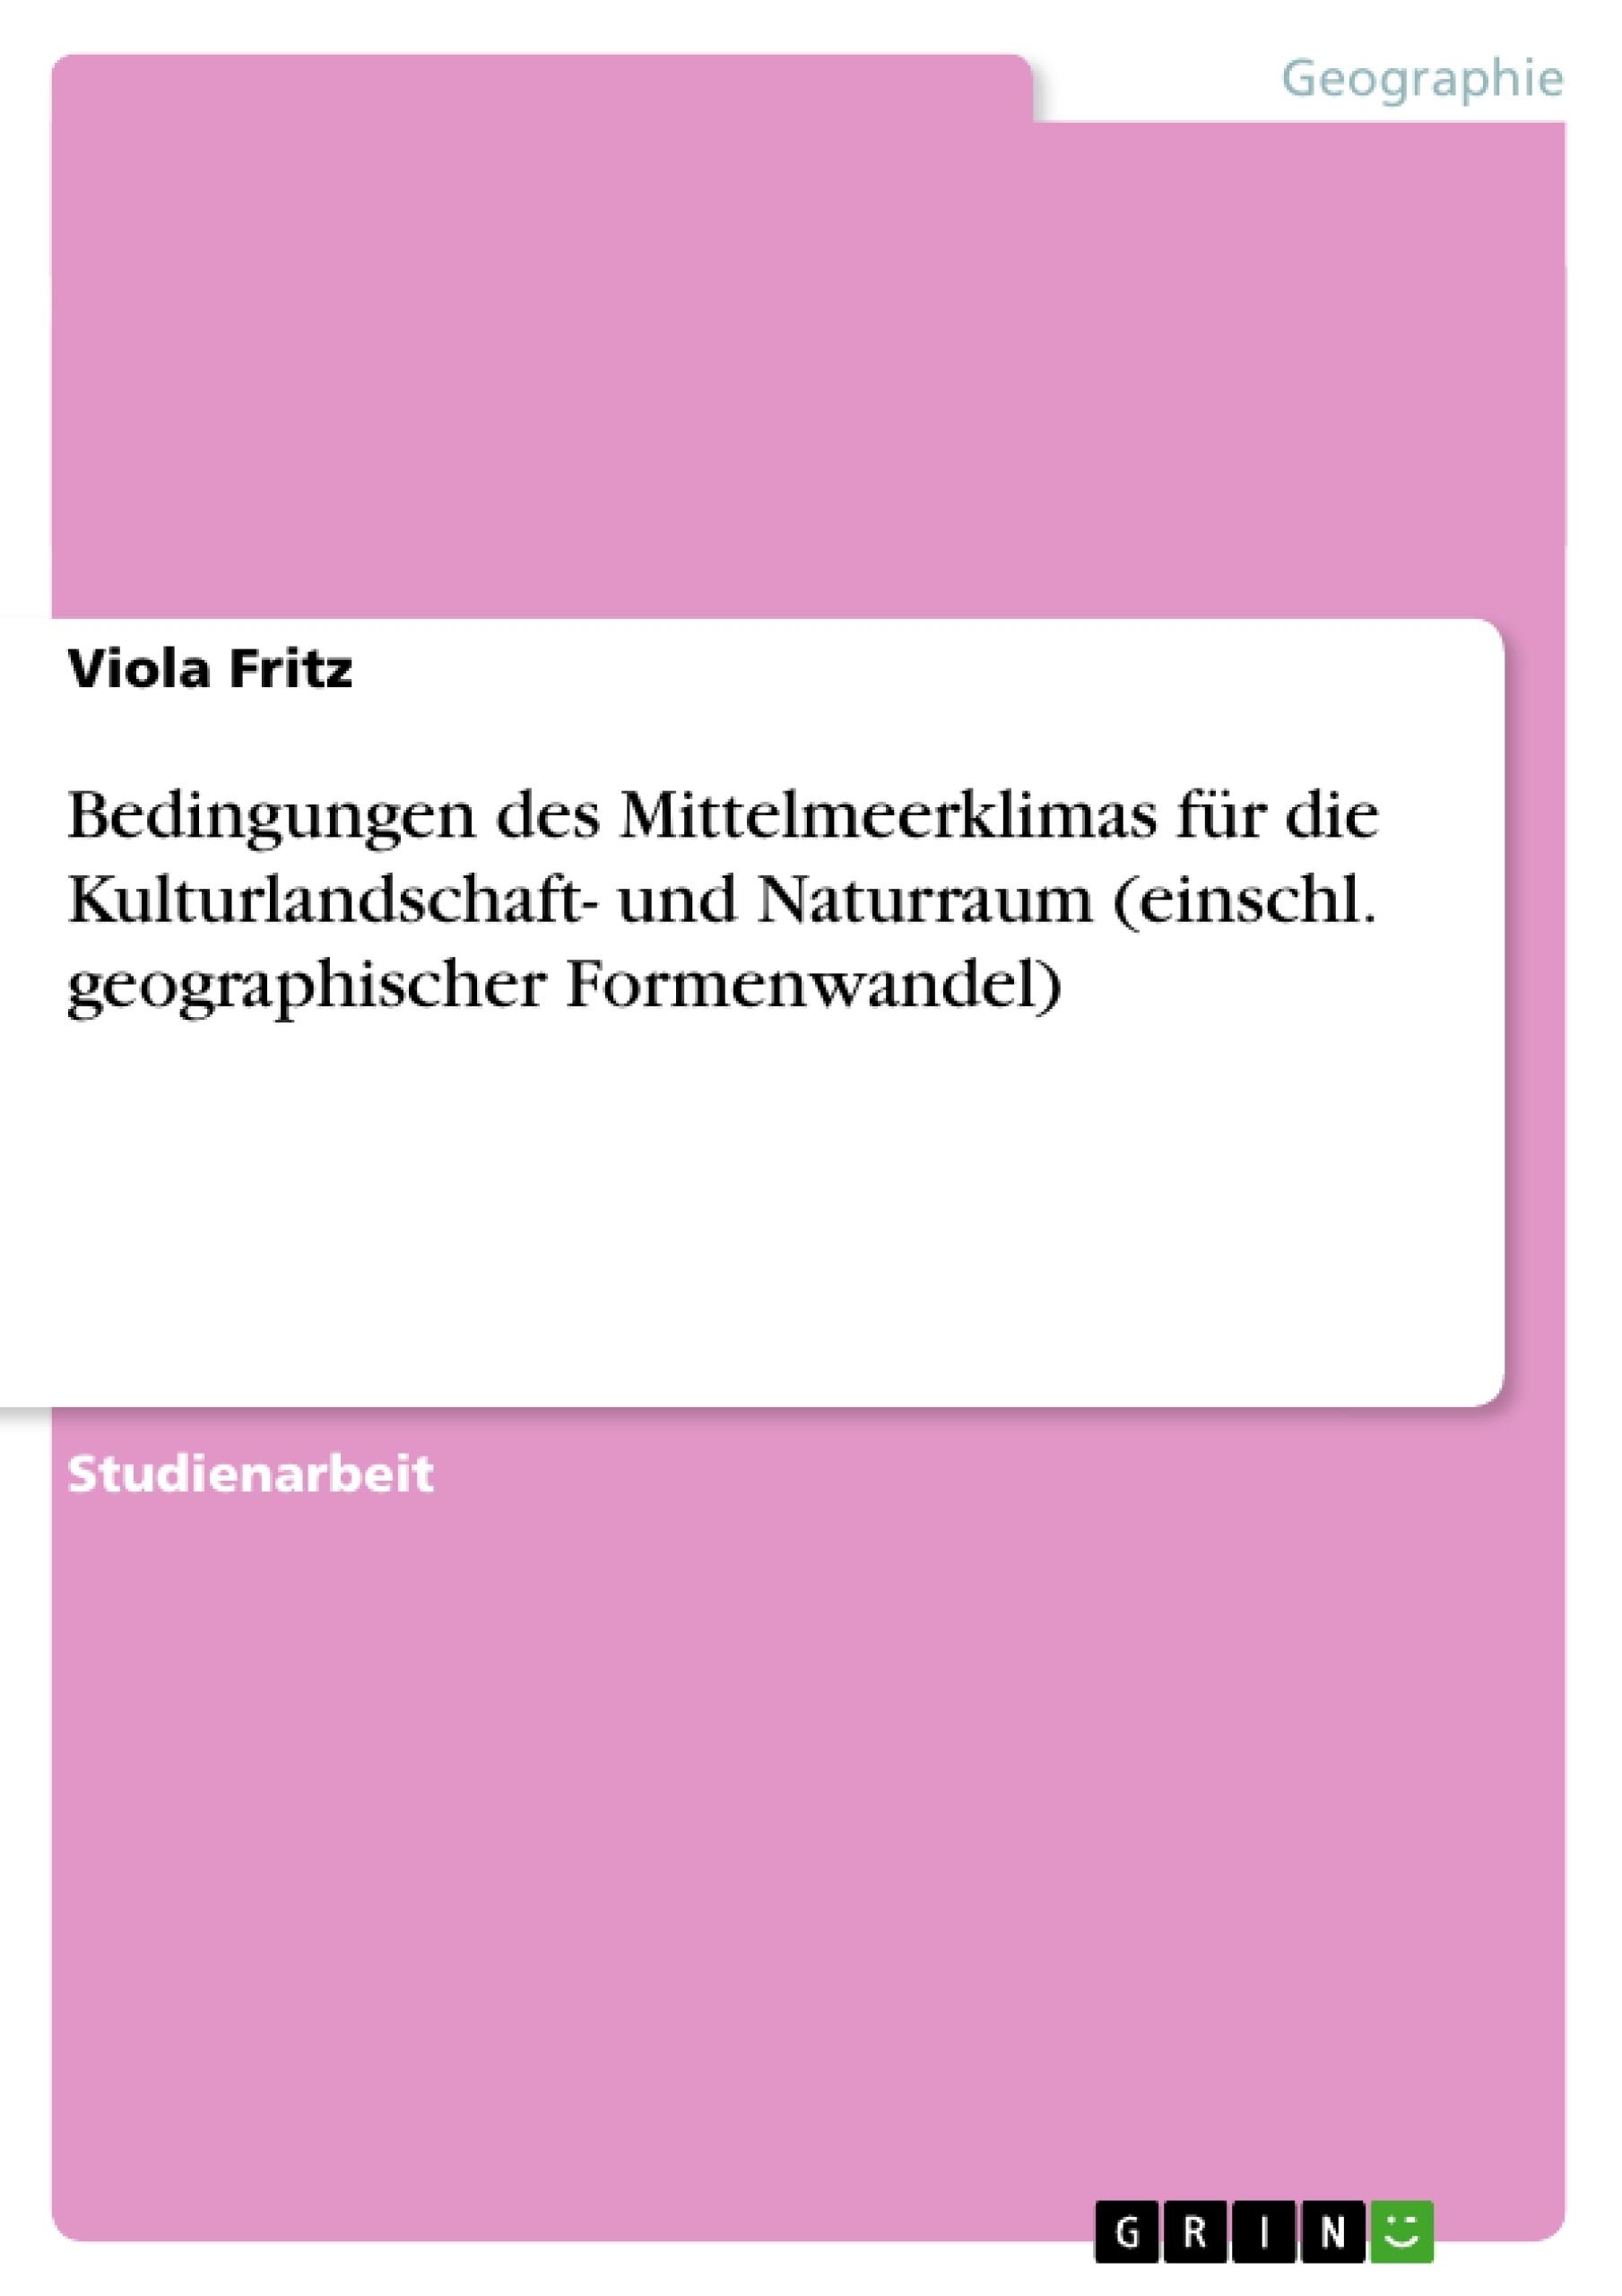 Titel: Bedingungen des Mittelmeerklimas für die Kulturlandschaft- und Naturraum (einschl. geographischer Formenwandel)